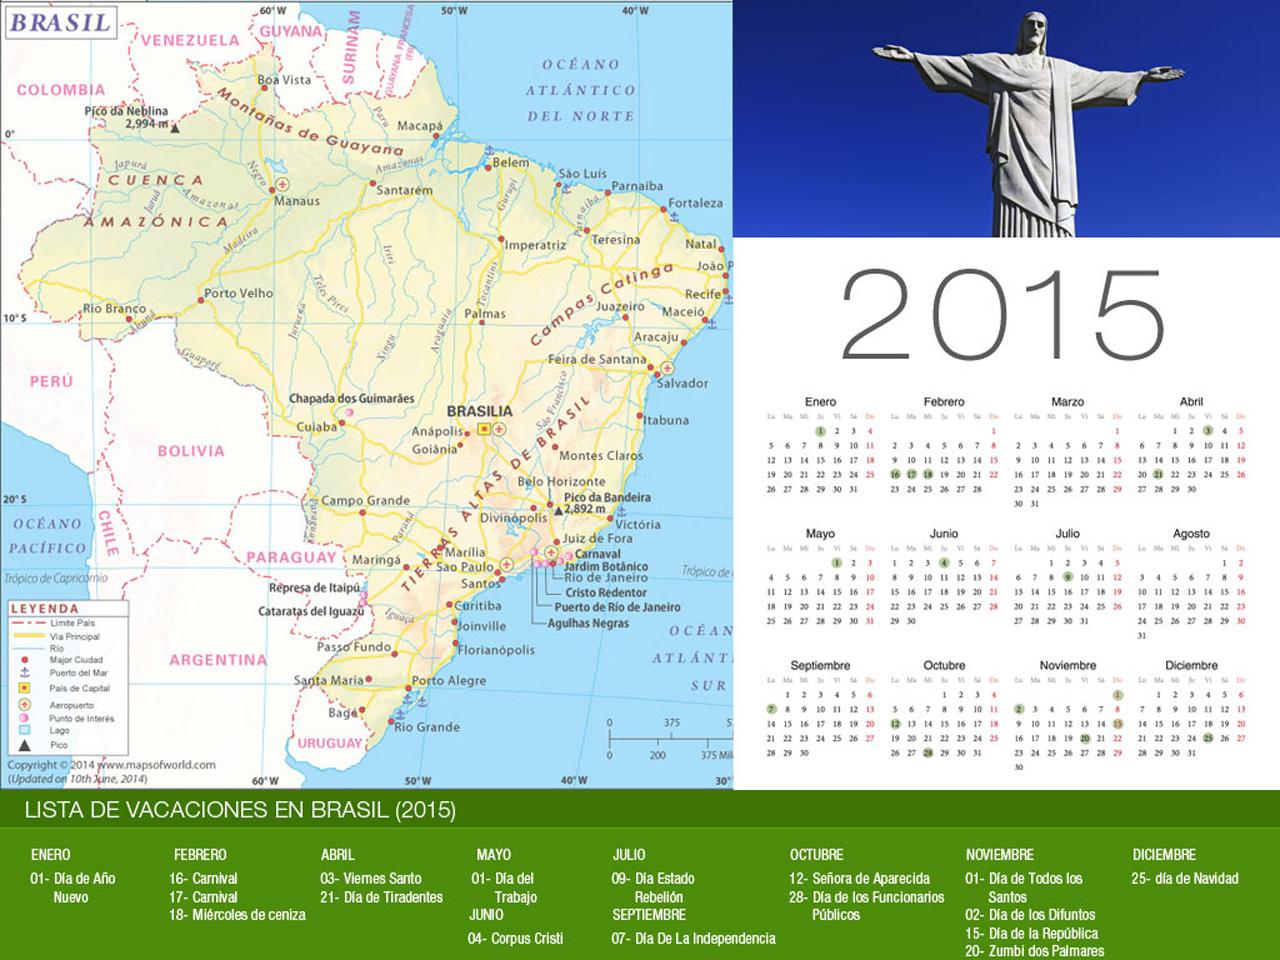 Calendario de vacaciones Brasil